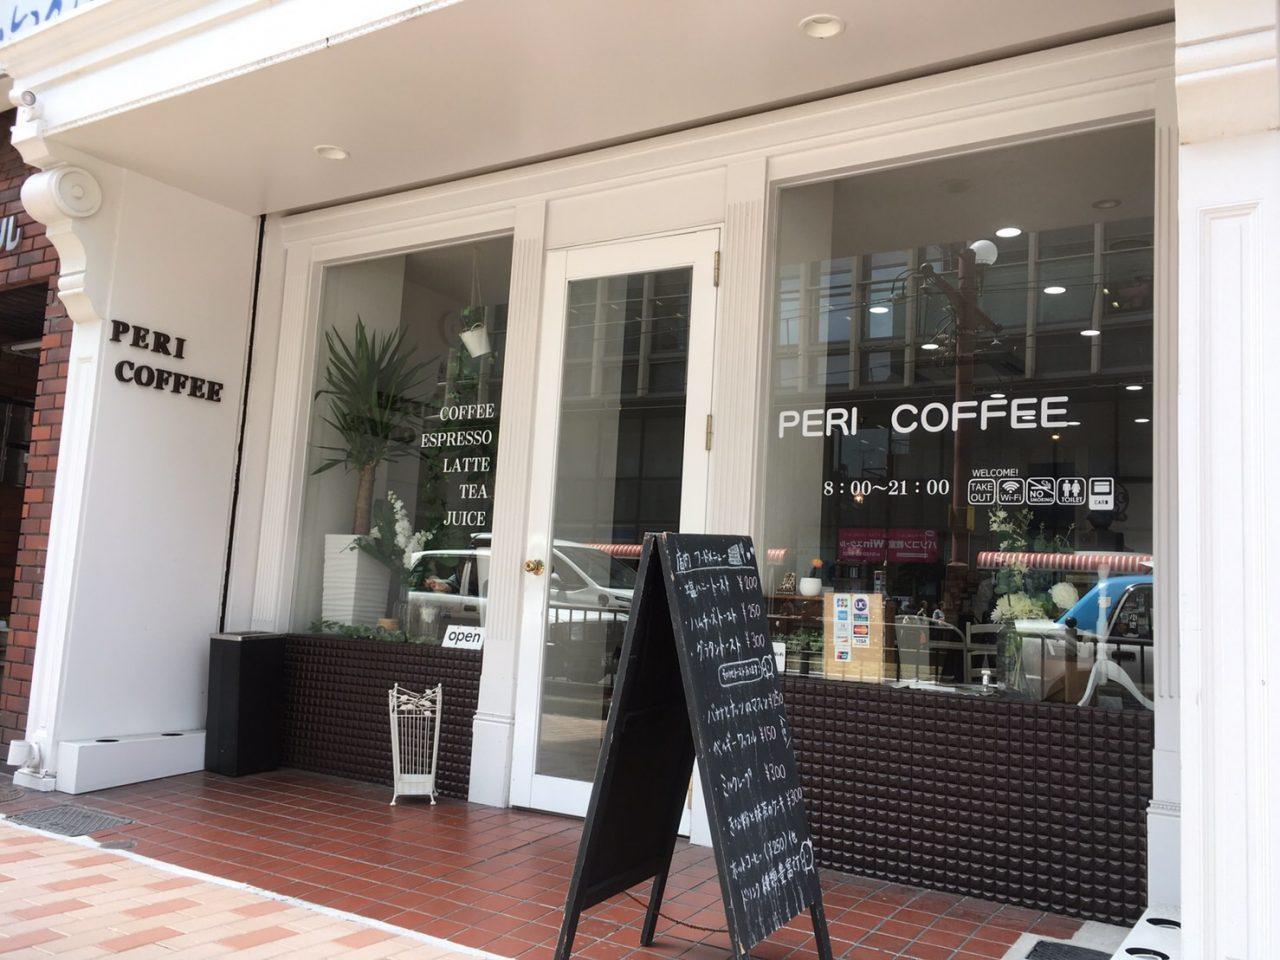 車イスでPERI COFFEE(ペリコーヒー)へGO!- 鹿児島市中央町